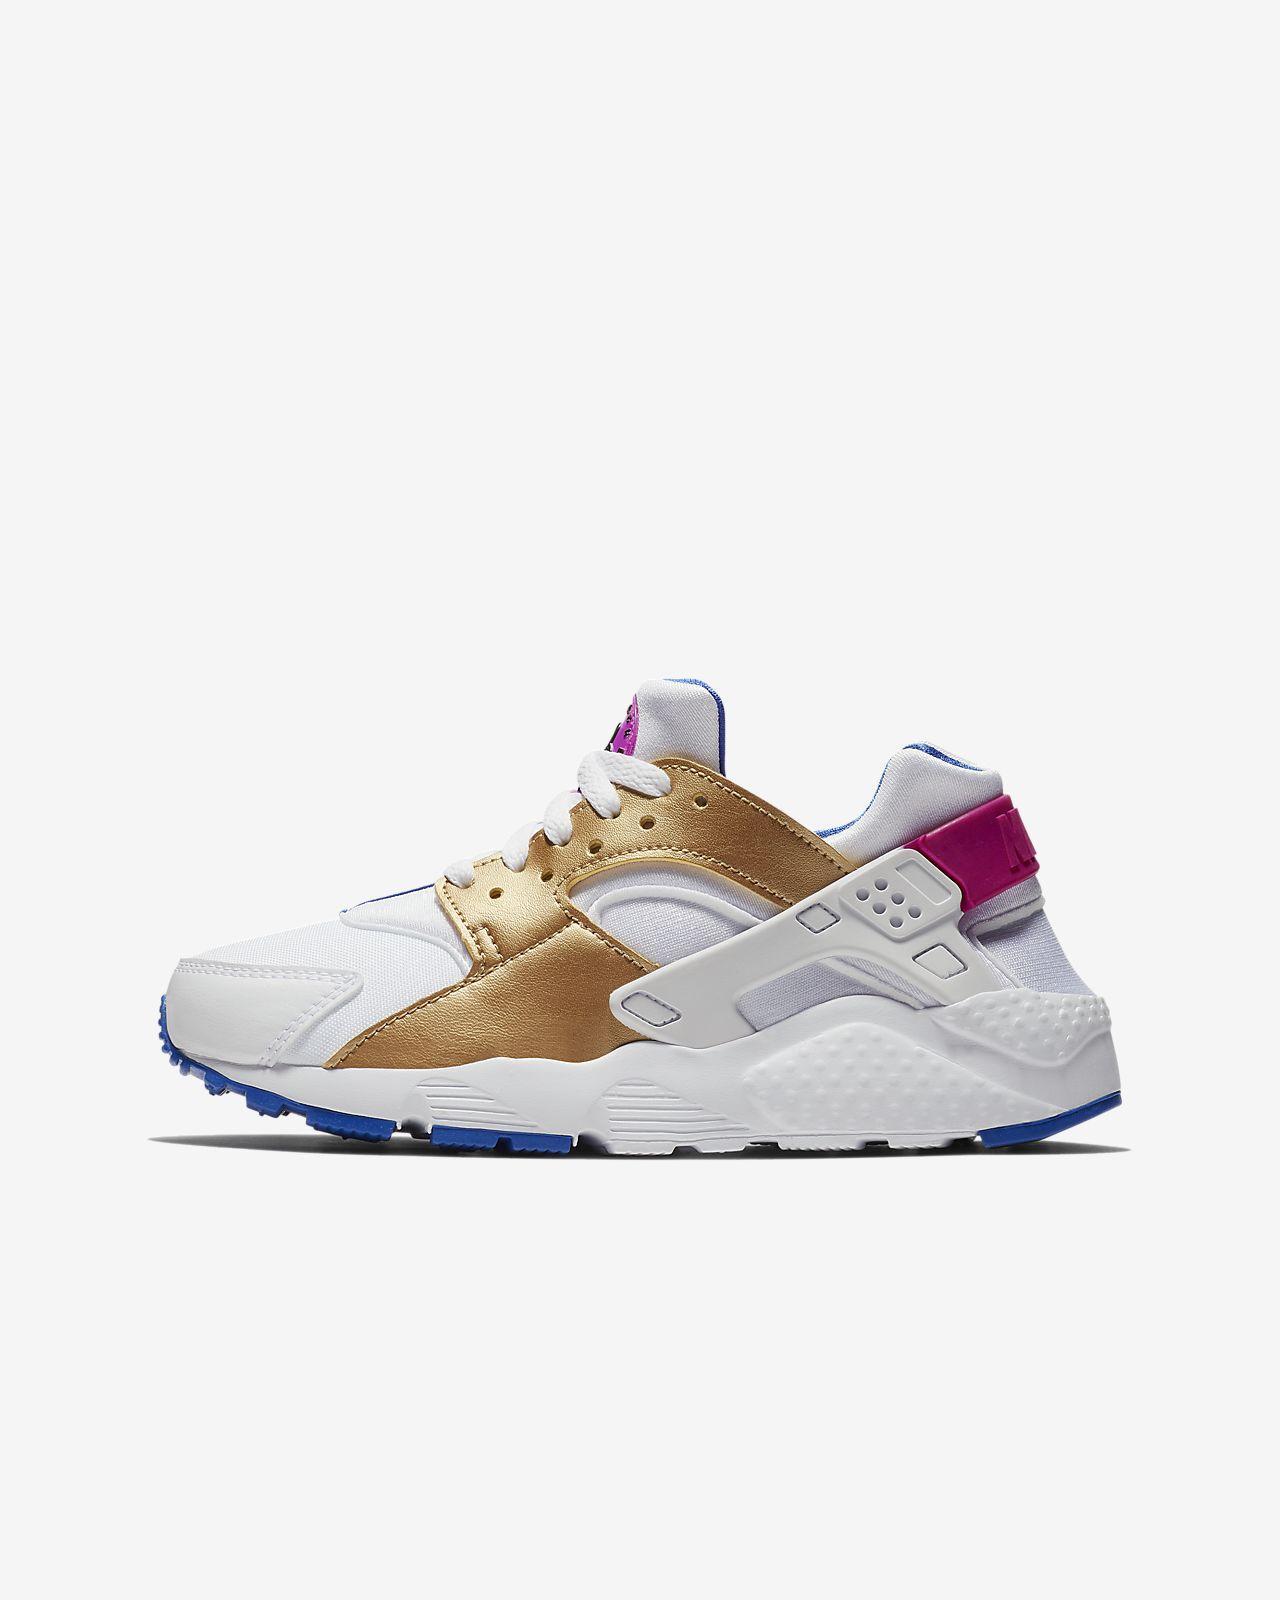 61f2b02f503c2 Chaussure Nike Huarache pour Enfant plus âgé